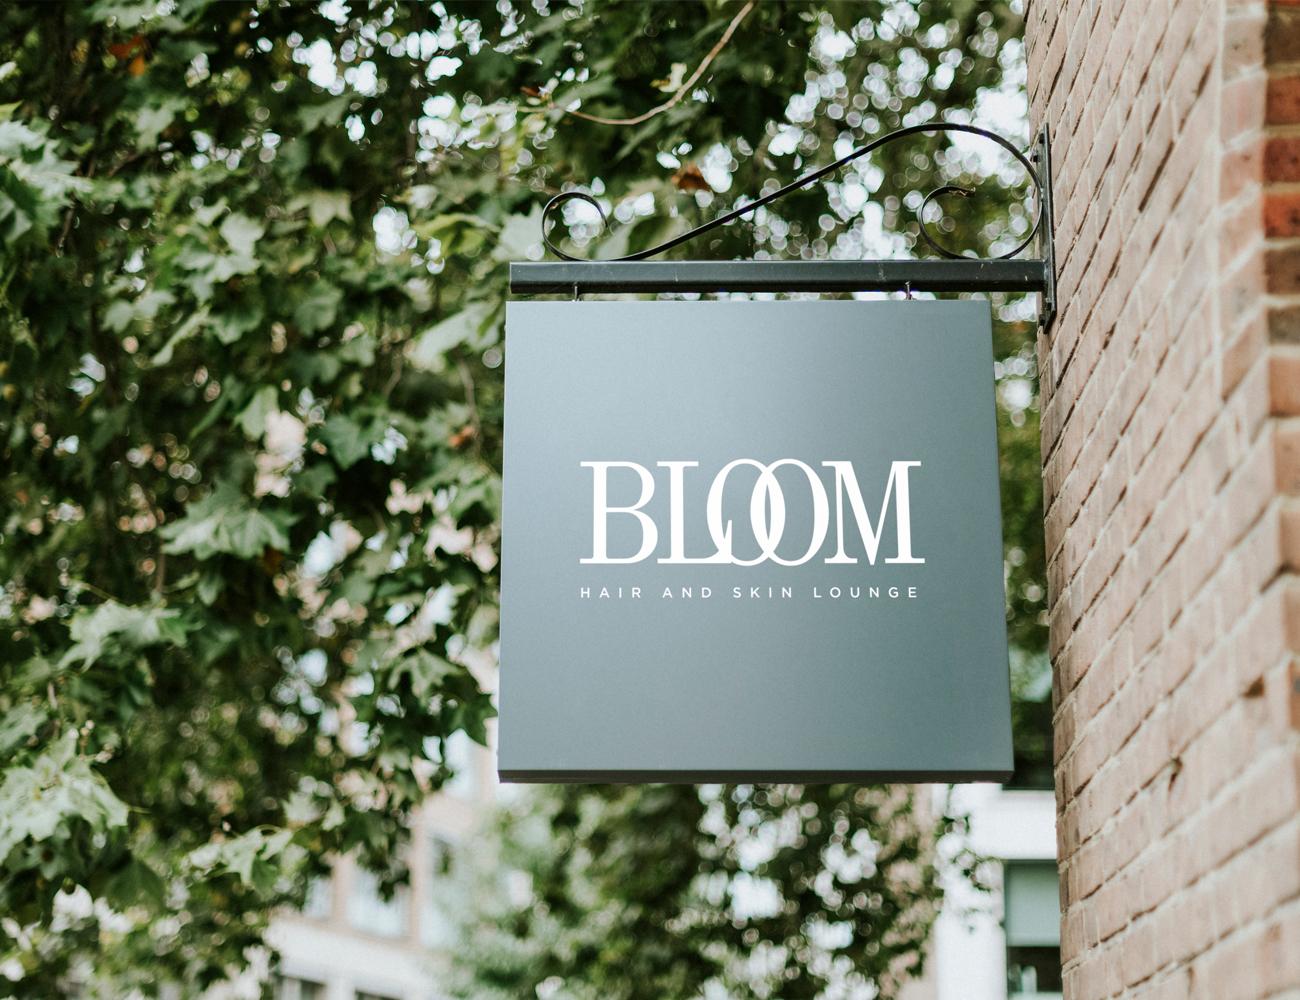 bloombrandidentity2